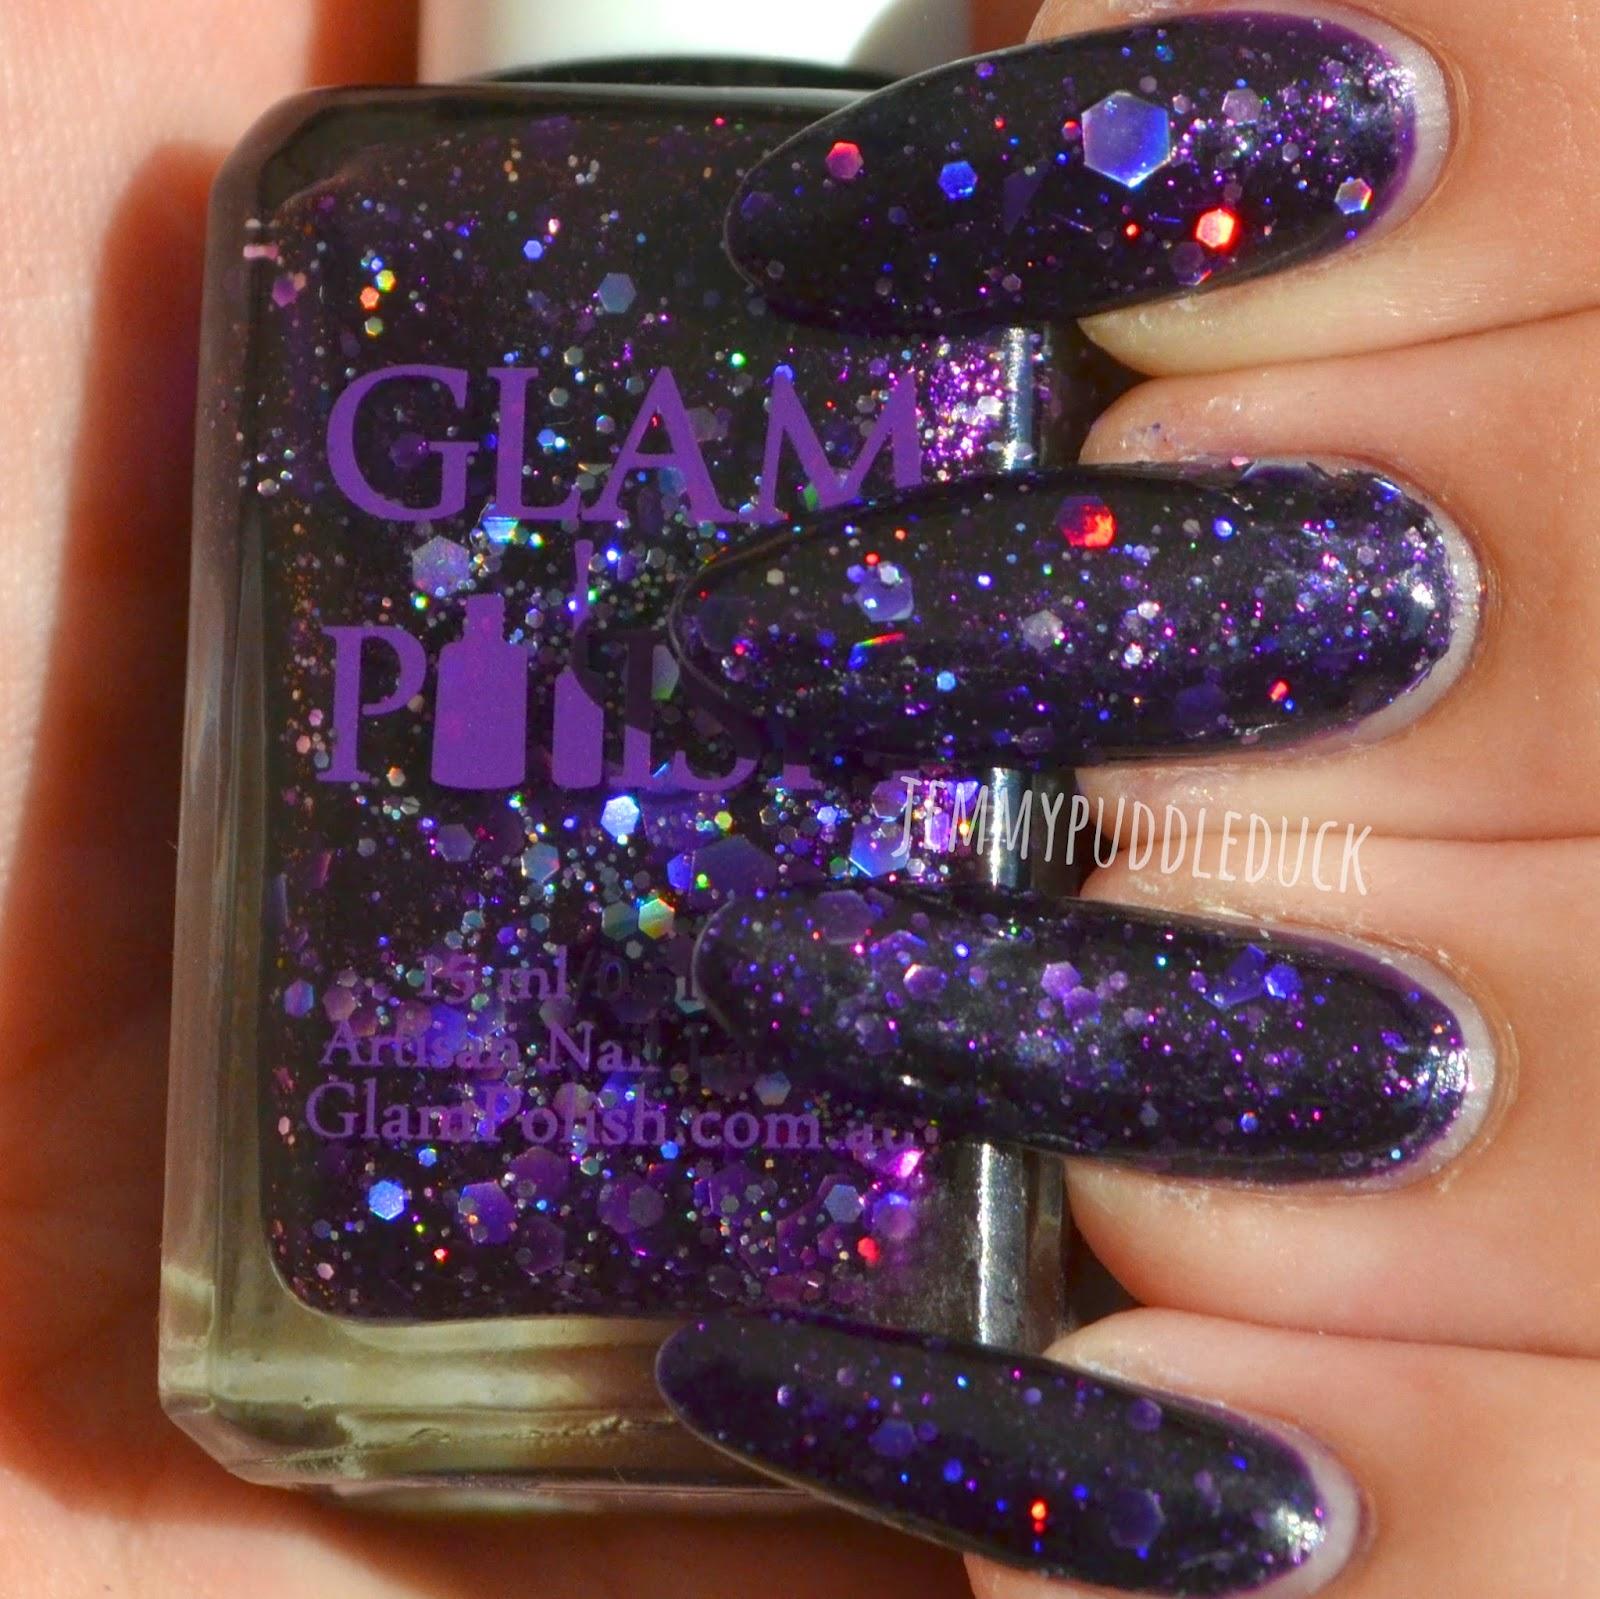 divinity glam polish